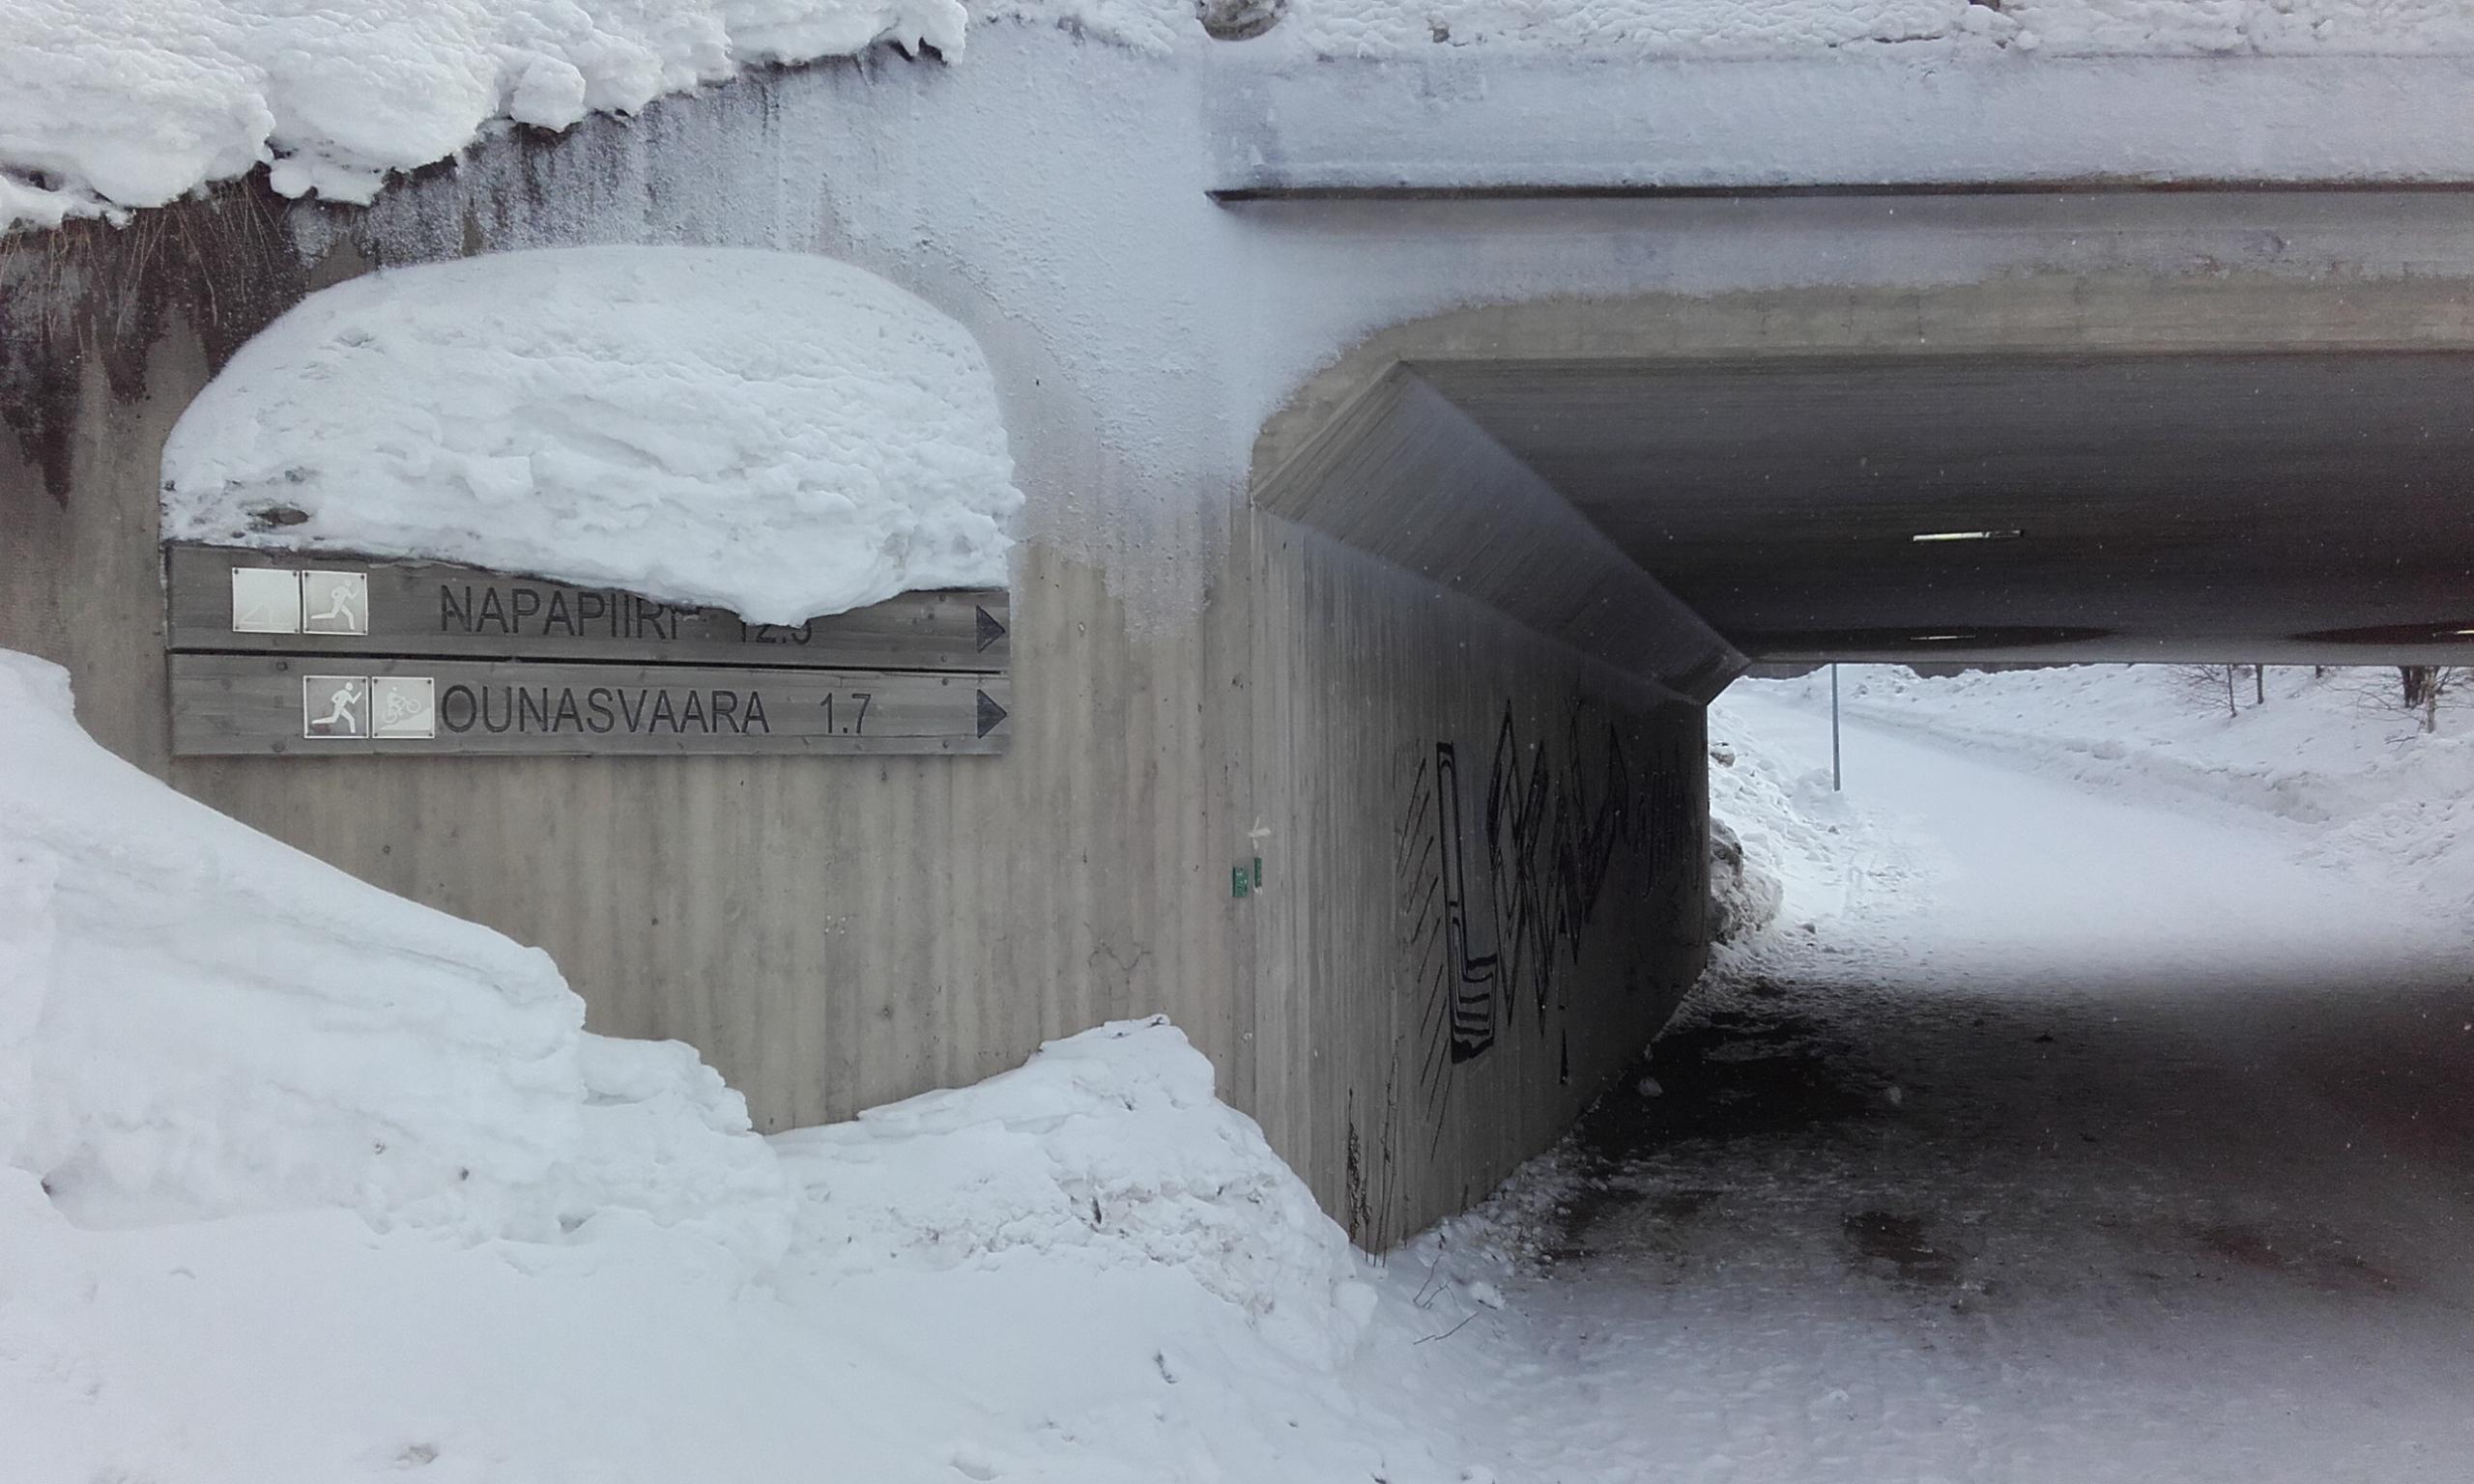 Indicaciones para llegar a Ounasvaara